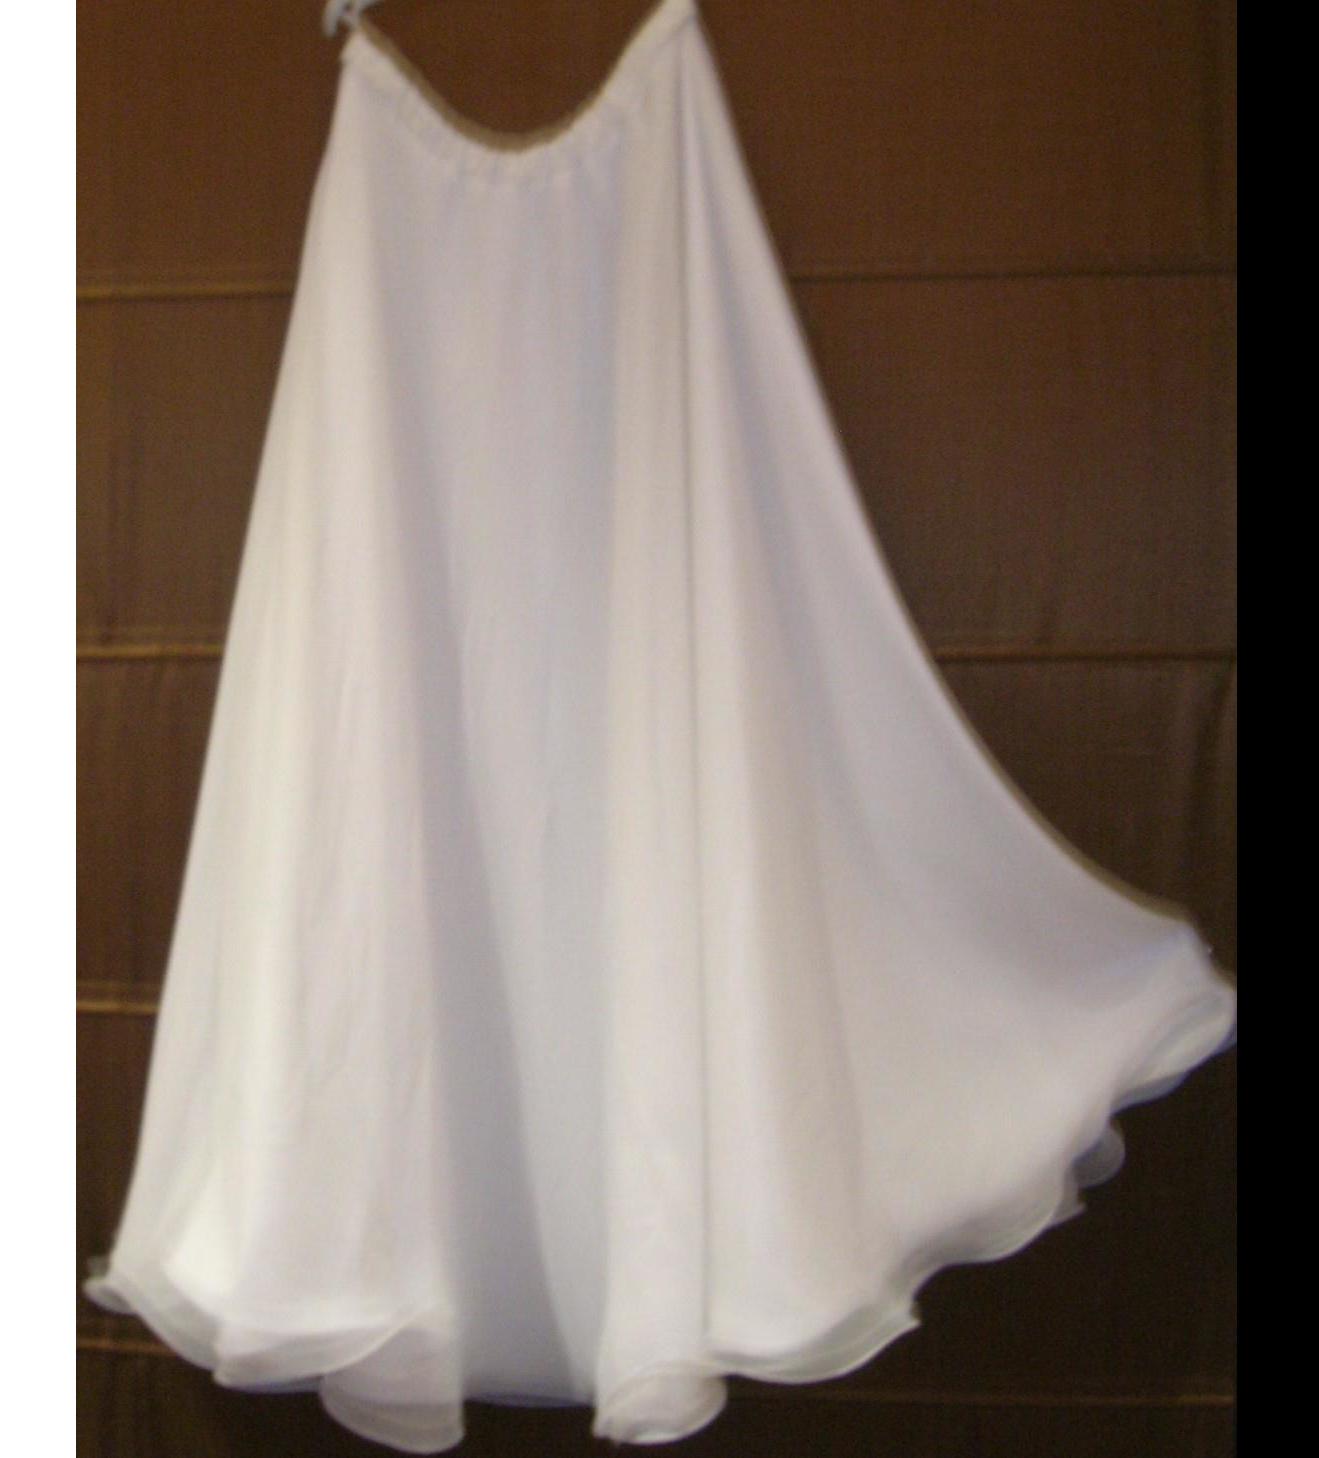 White Chiffon 1/2 circle skirt with flounce